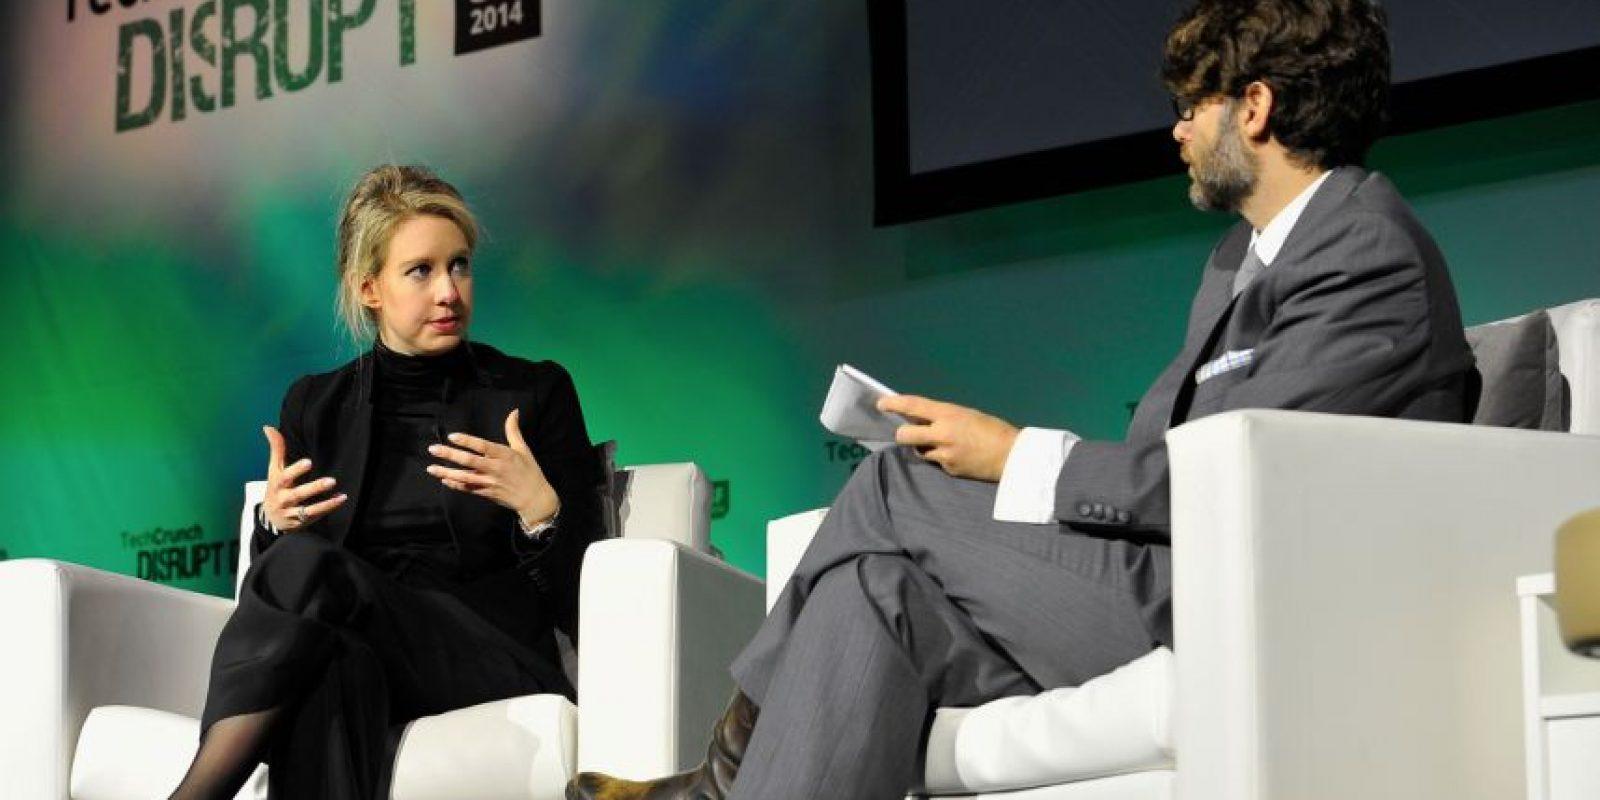 Su fortuna está valuada en 4.5 mil millones de dólares. Foto:Getty Images